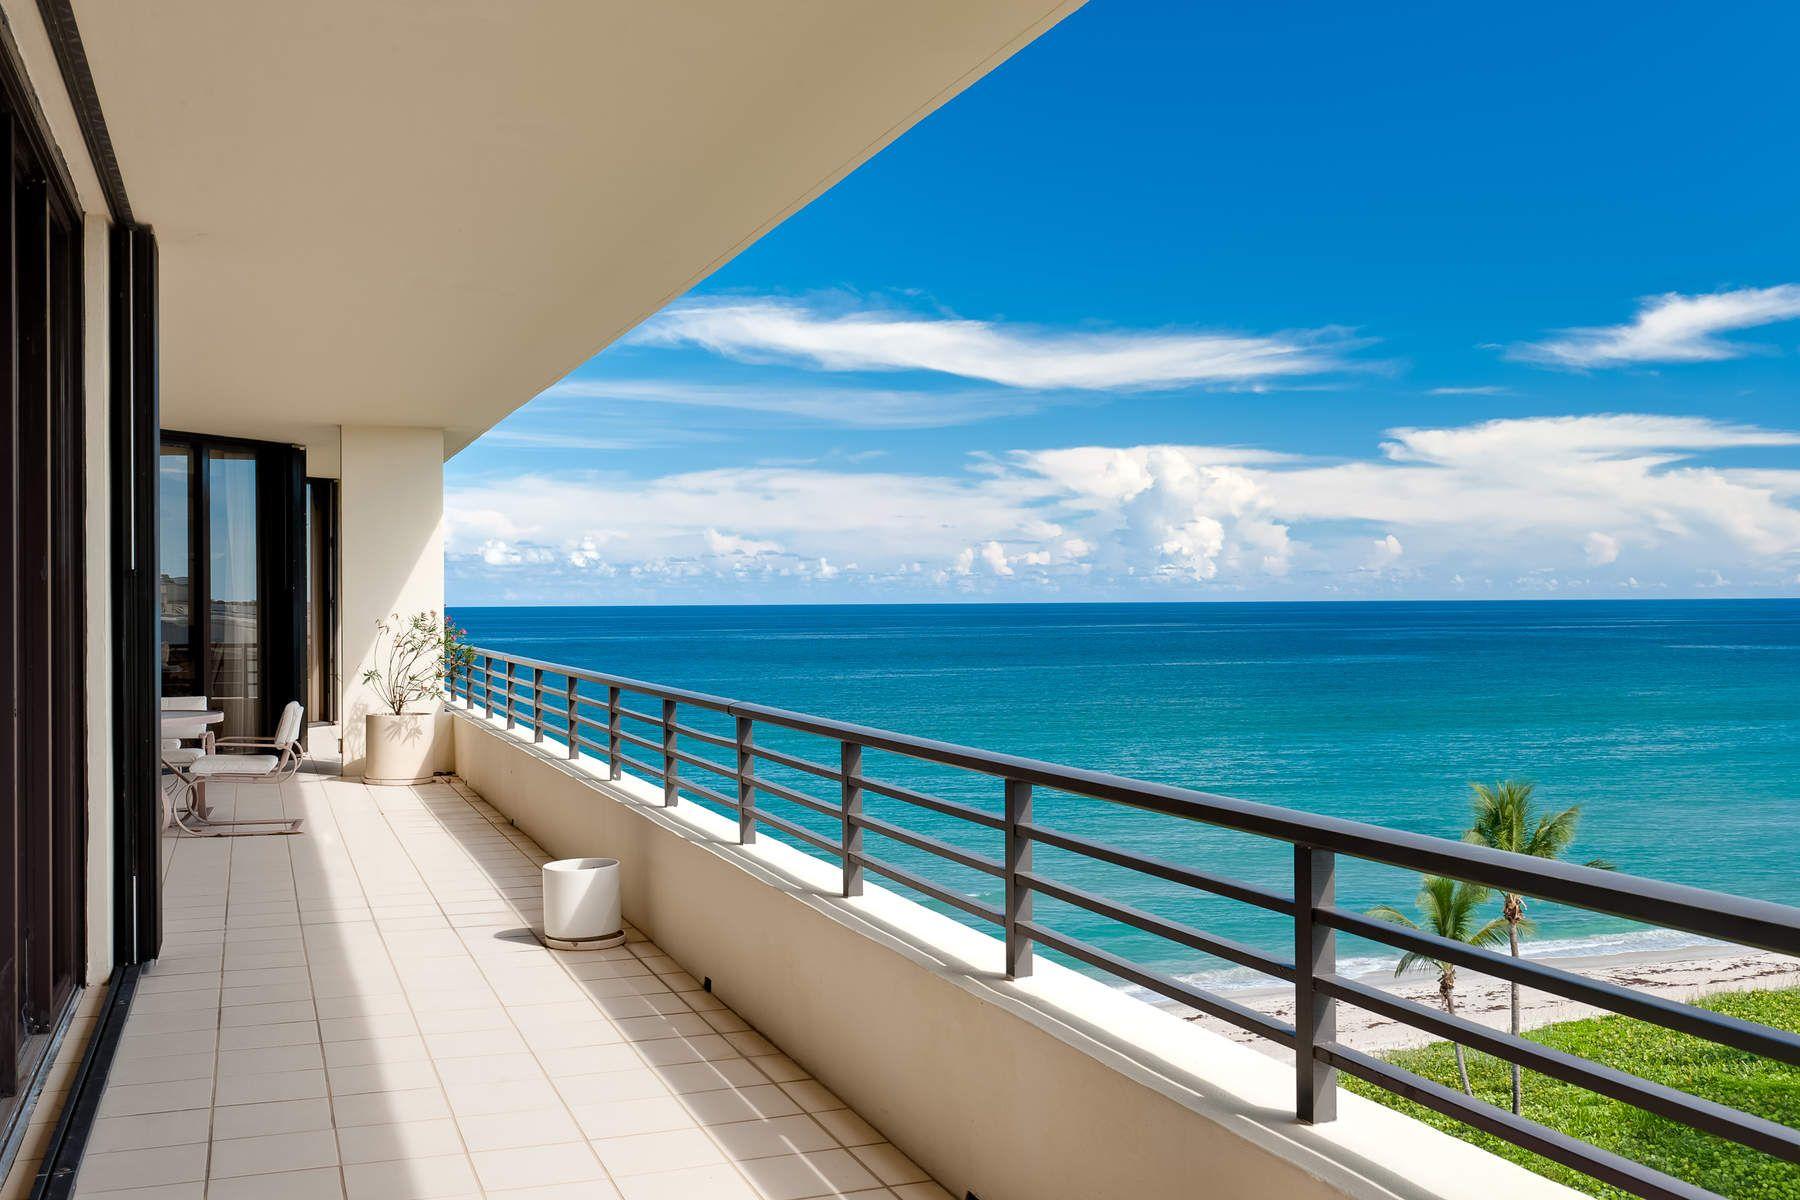 共管物業 為 出售 在 Ultimate Oceanfront Penthouse 3100 S Ocean Blvd Ph 605S, Palm Beach, 佛羅里達州, 33480 美國